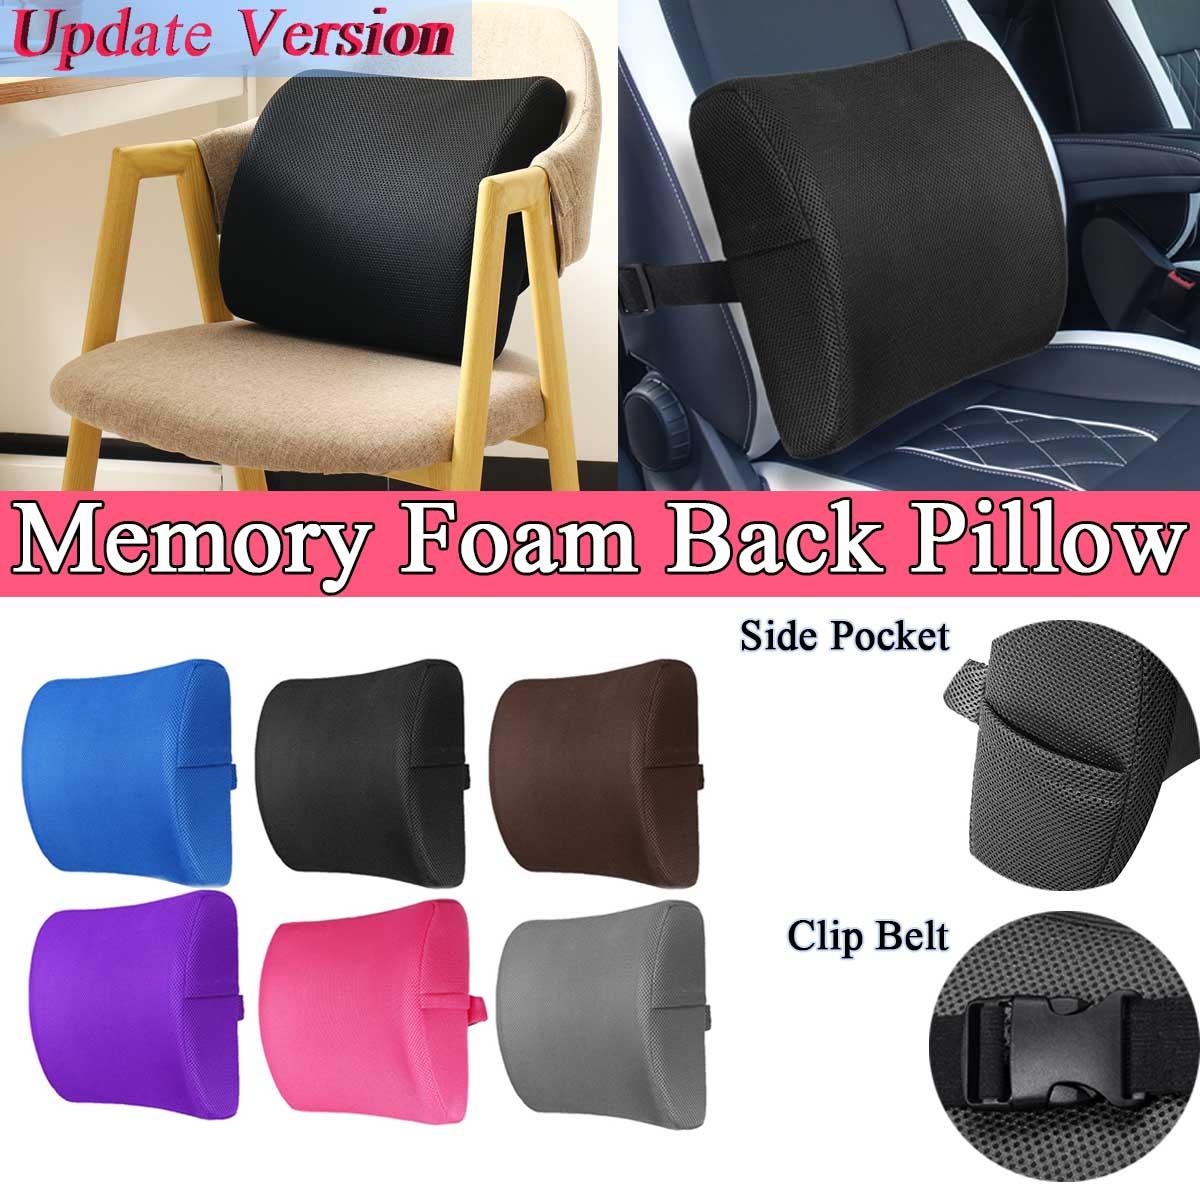 6 цветов, мягкое сиденье для автомобиля с эффектом памяти, зимние подушки, поясничная поддержка спины, массажер для талии, подушка для стулье...